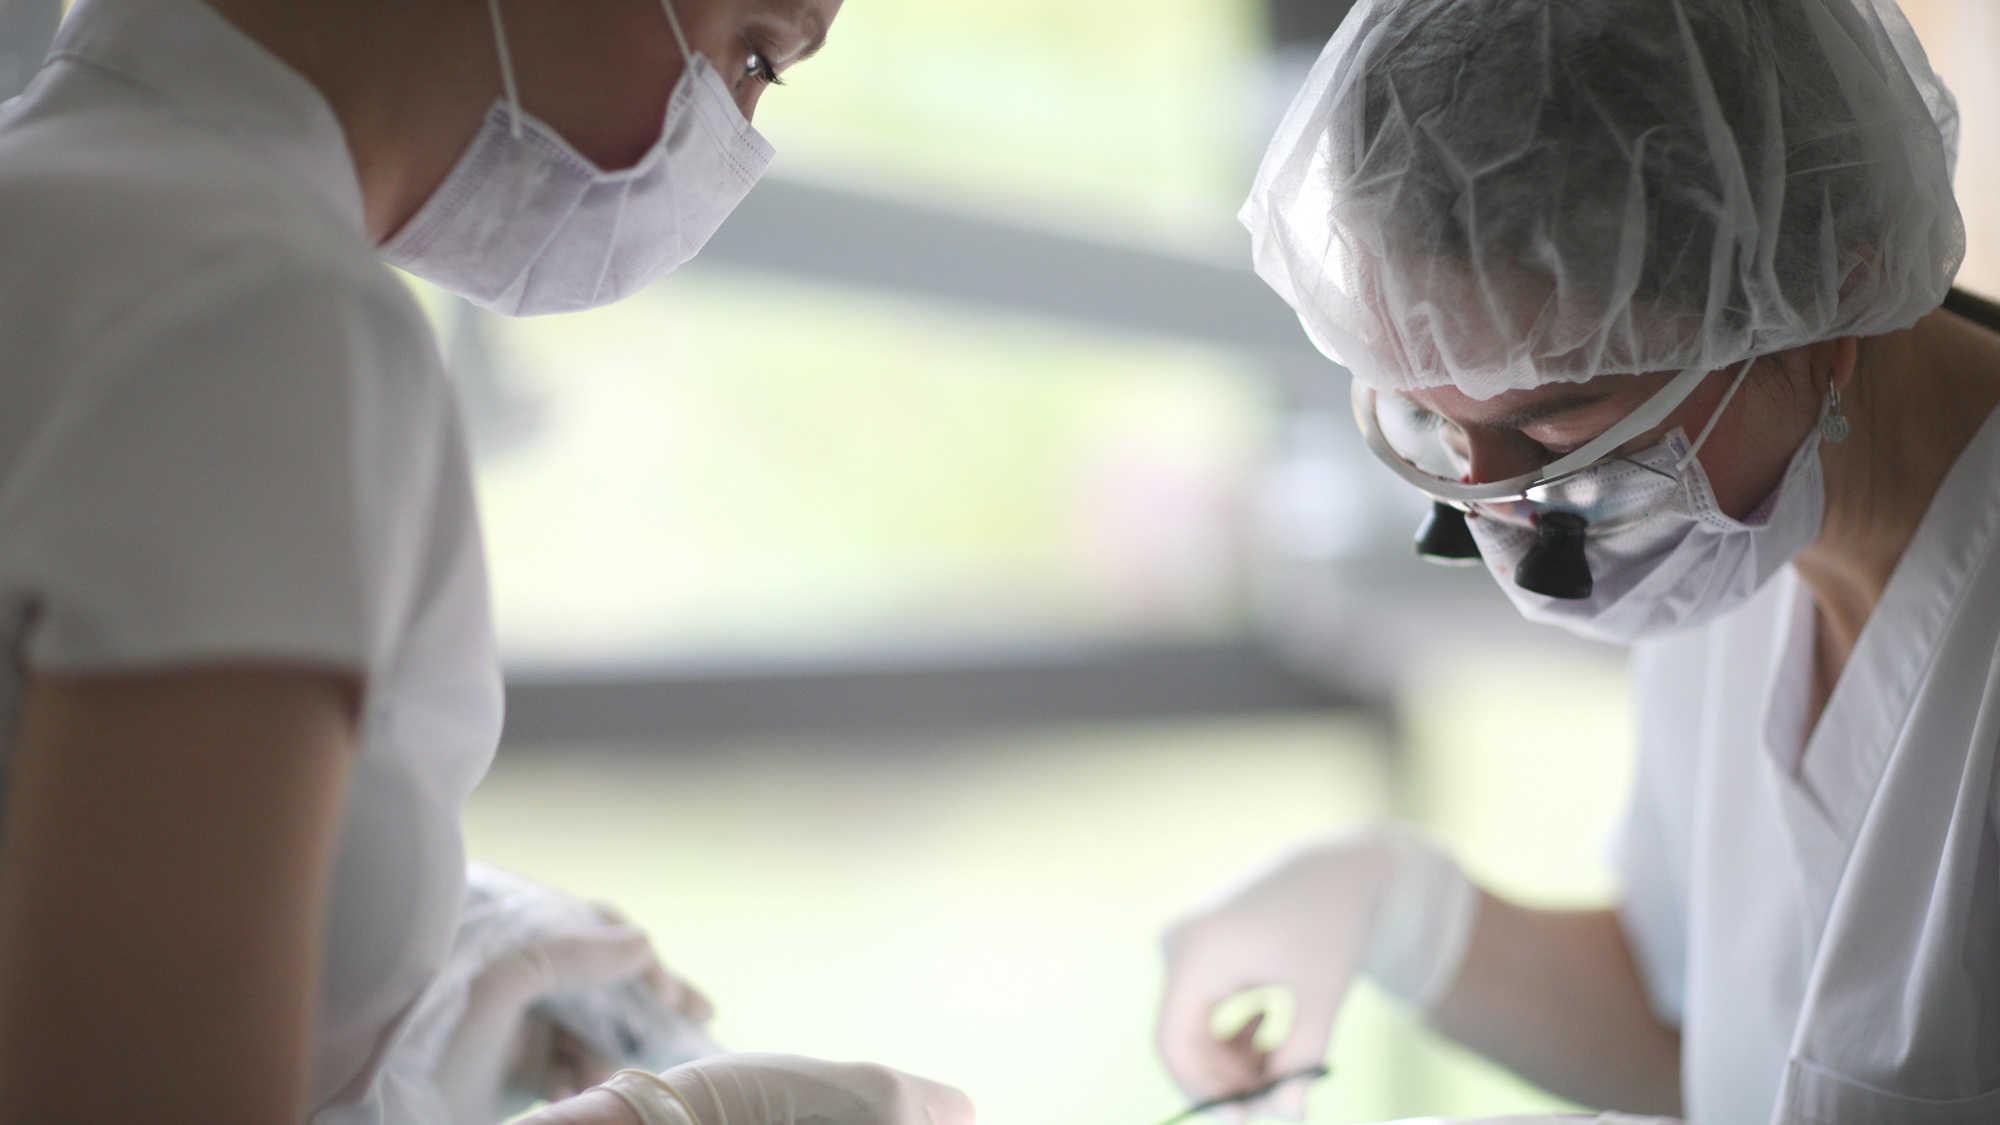 Globalno pomanjkanje kirurških mask je prizadelo zobozdravniške prakse po vsem svetu